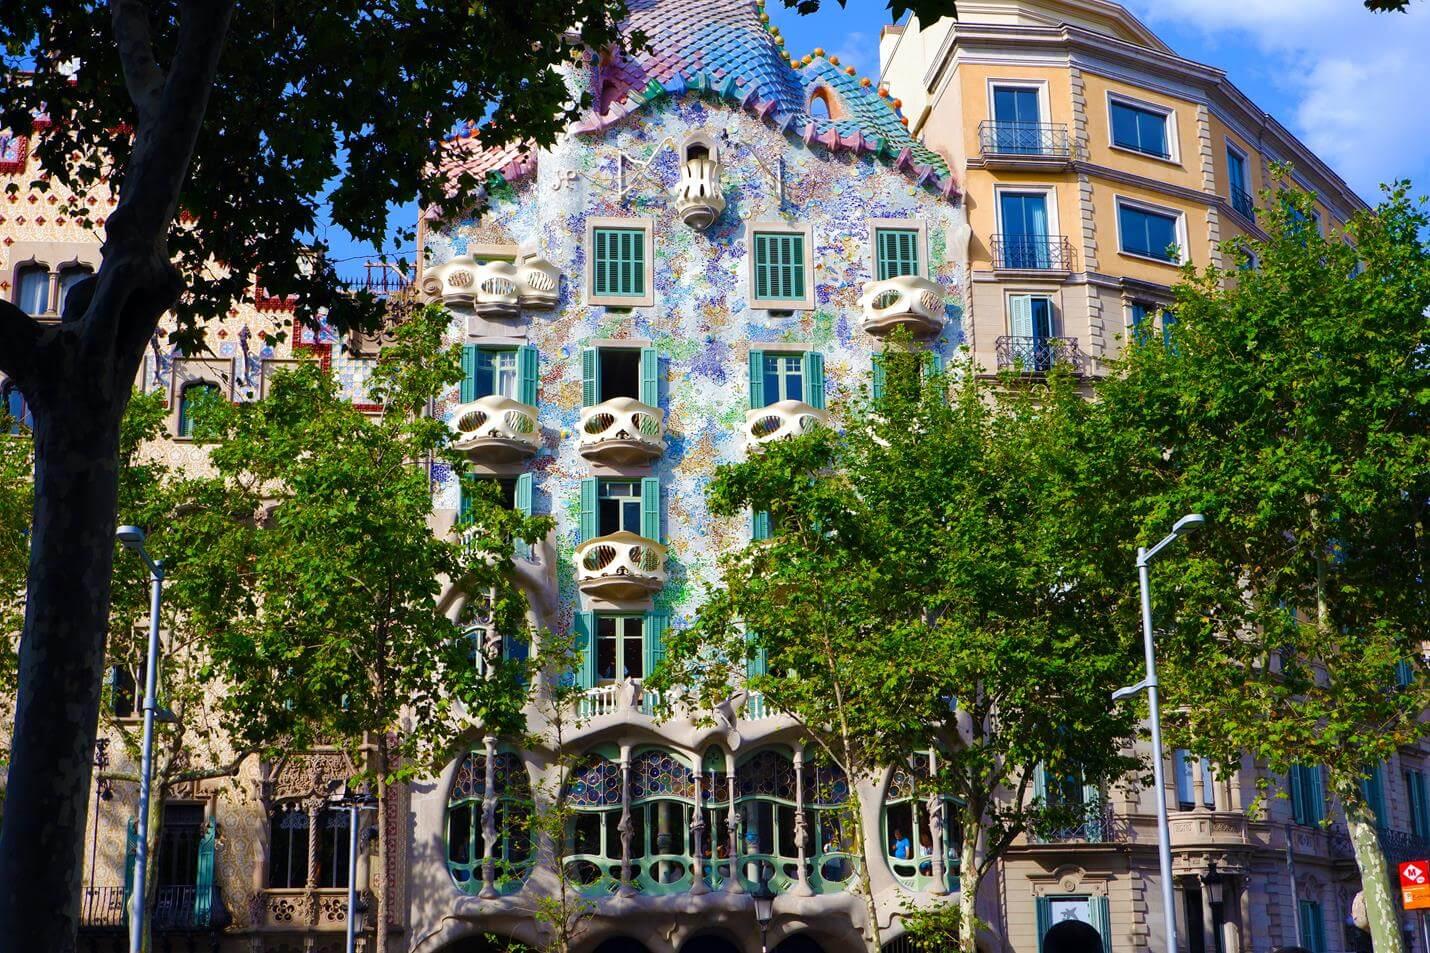 Casa Batlló In Barcelona ᐅ Reisebericht Lohnt Sich Ein Besuch